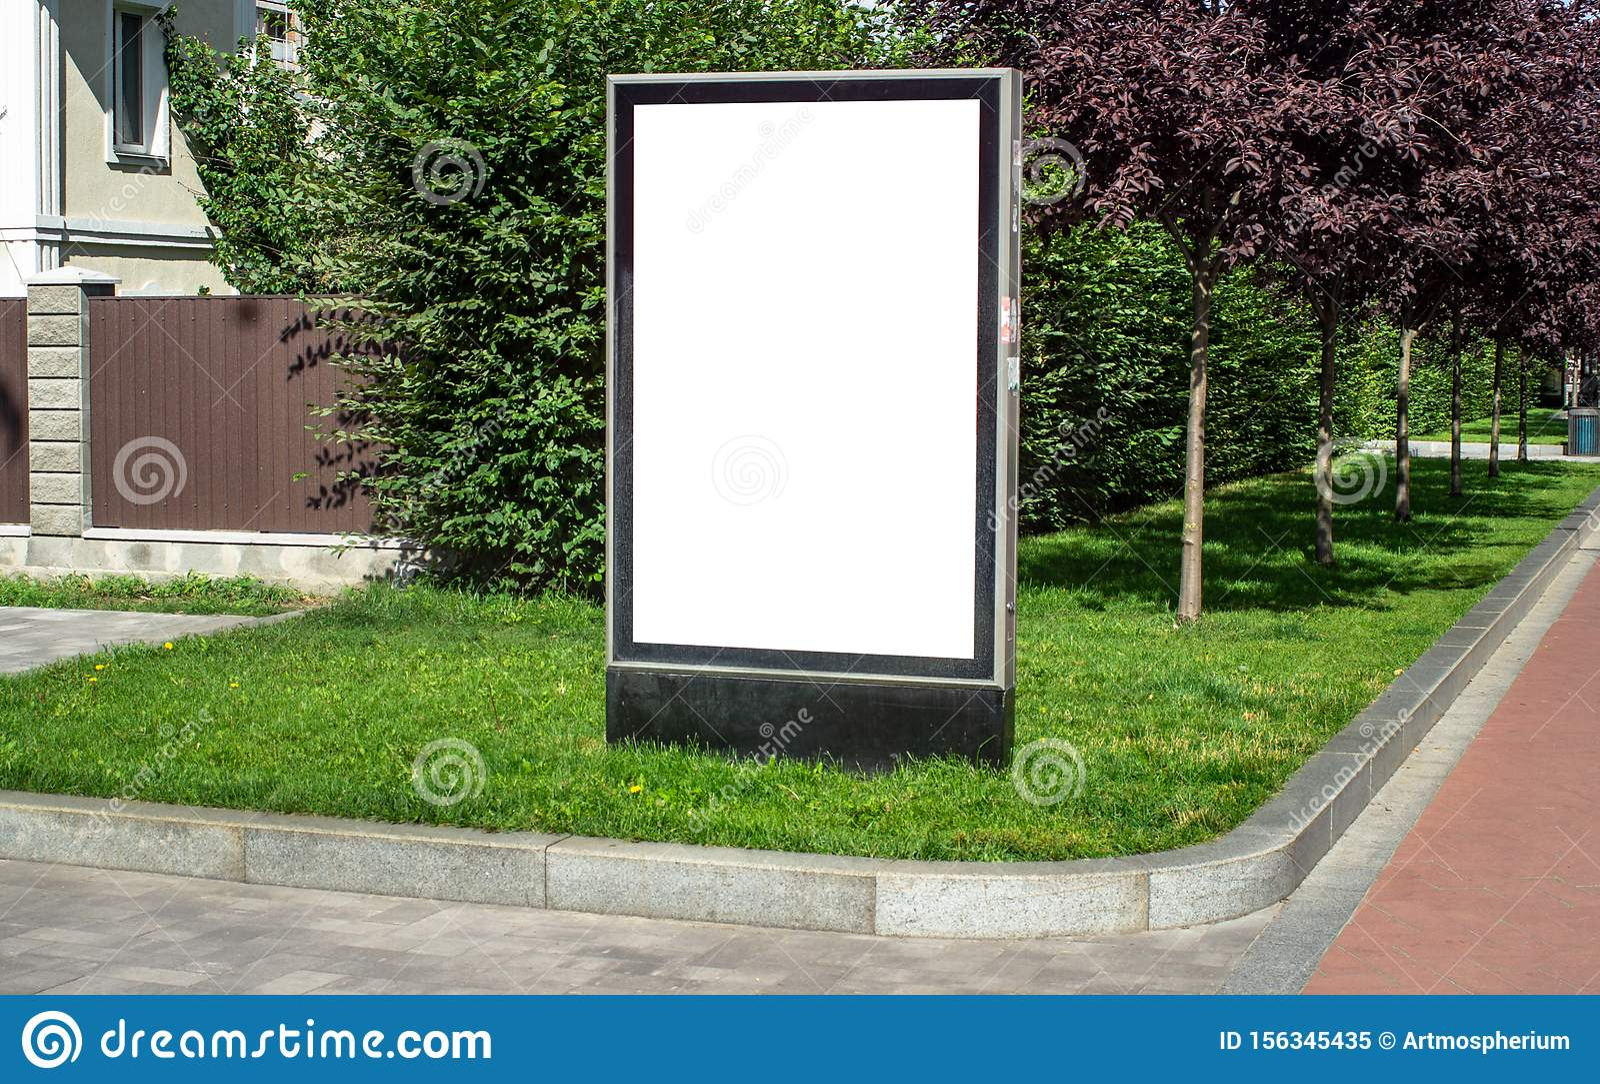 Vertical billboard or citylight outdoor